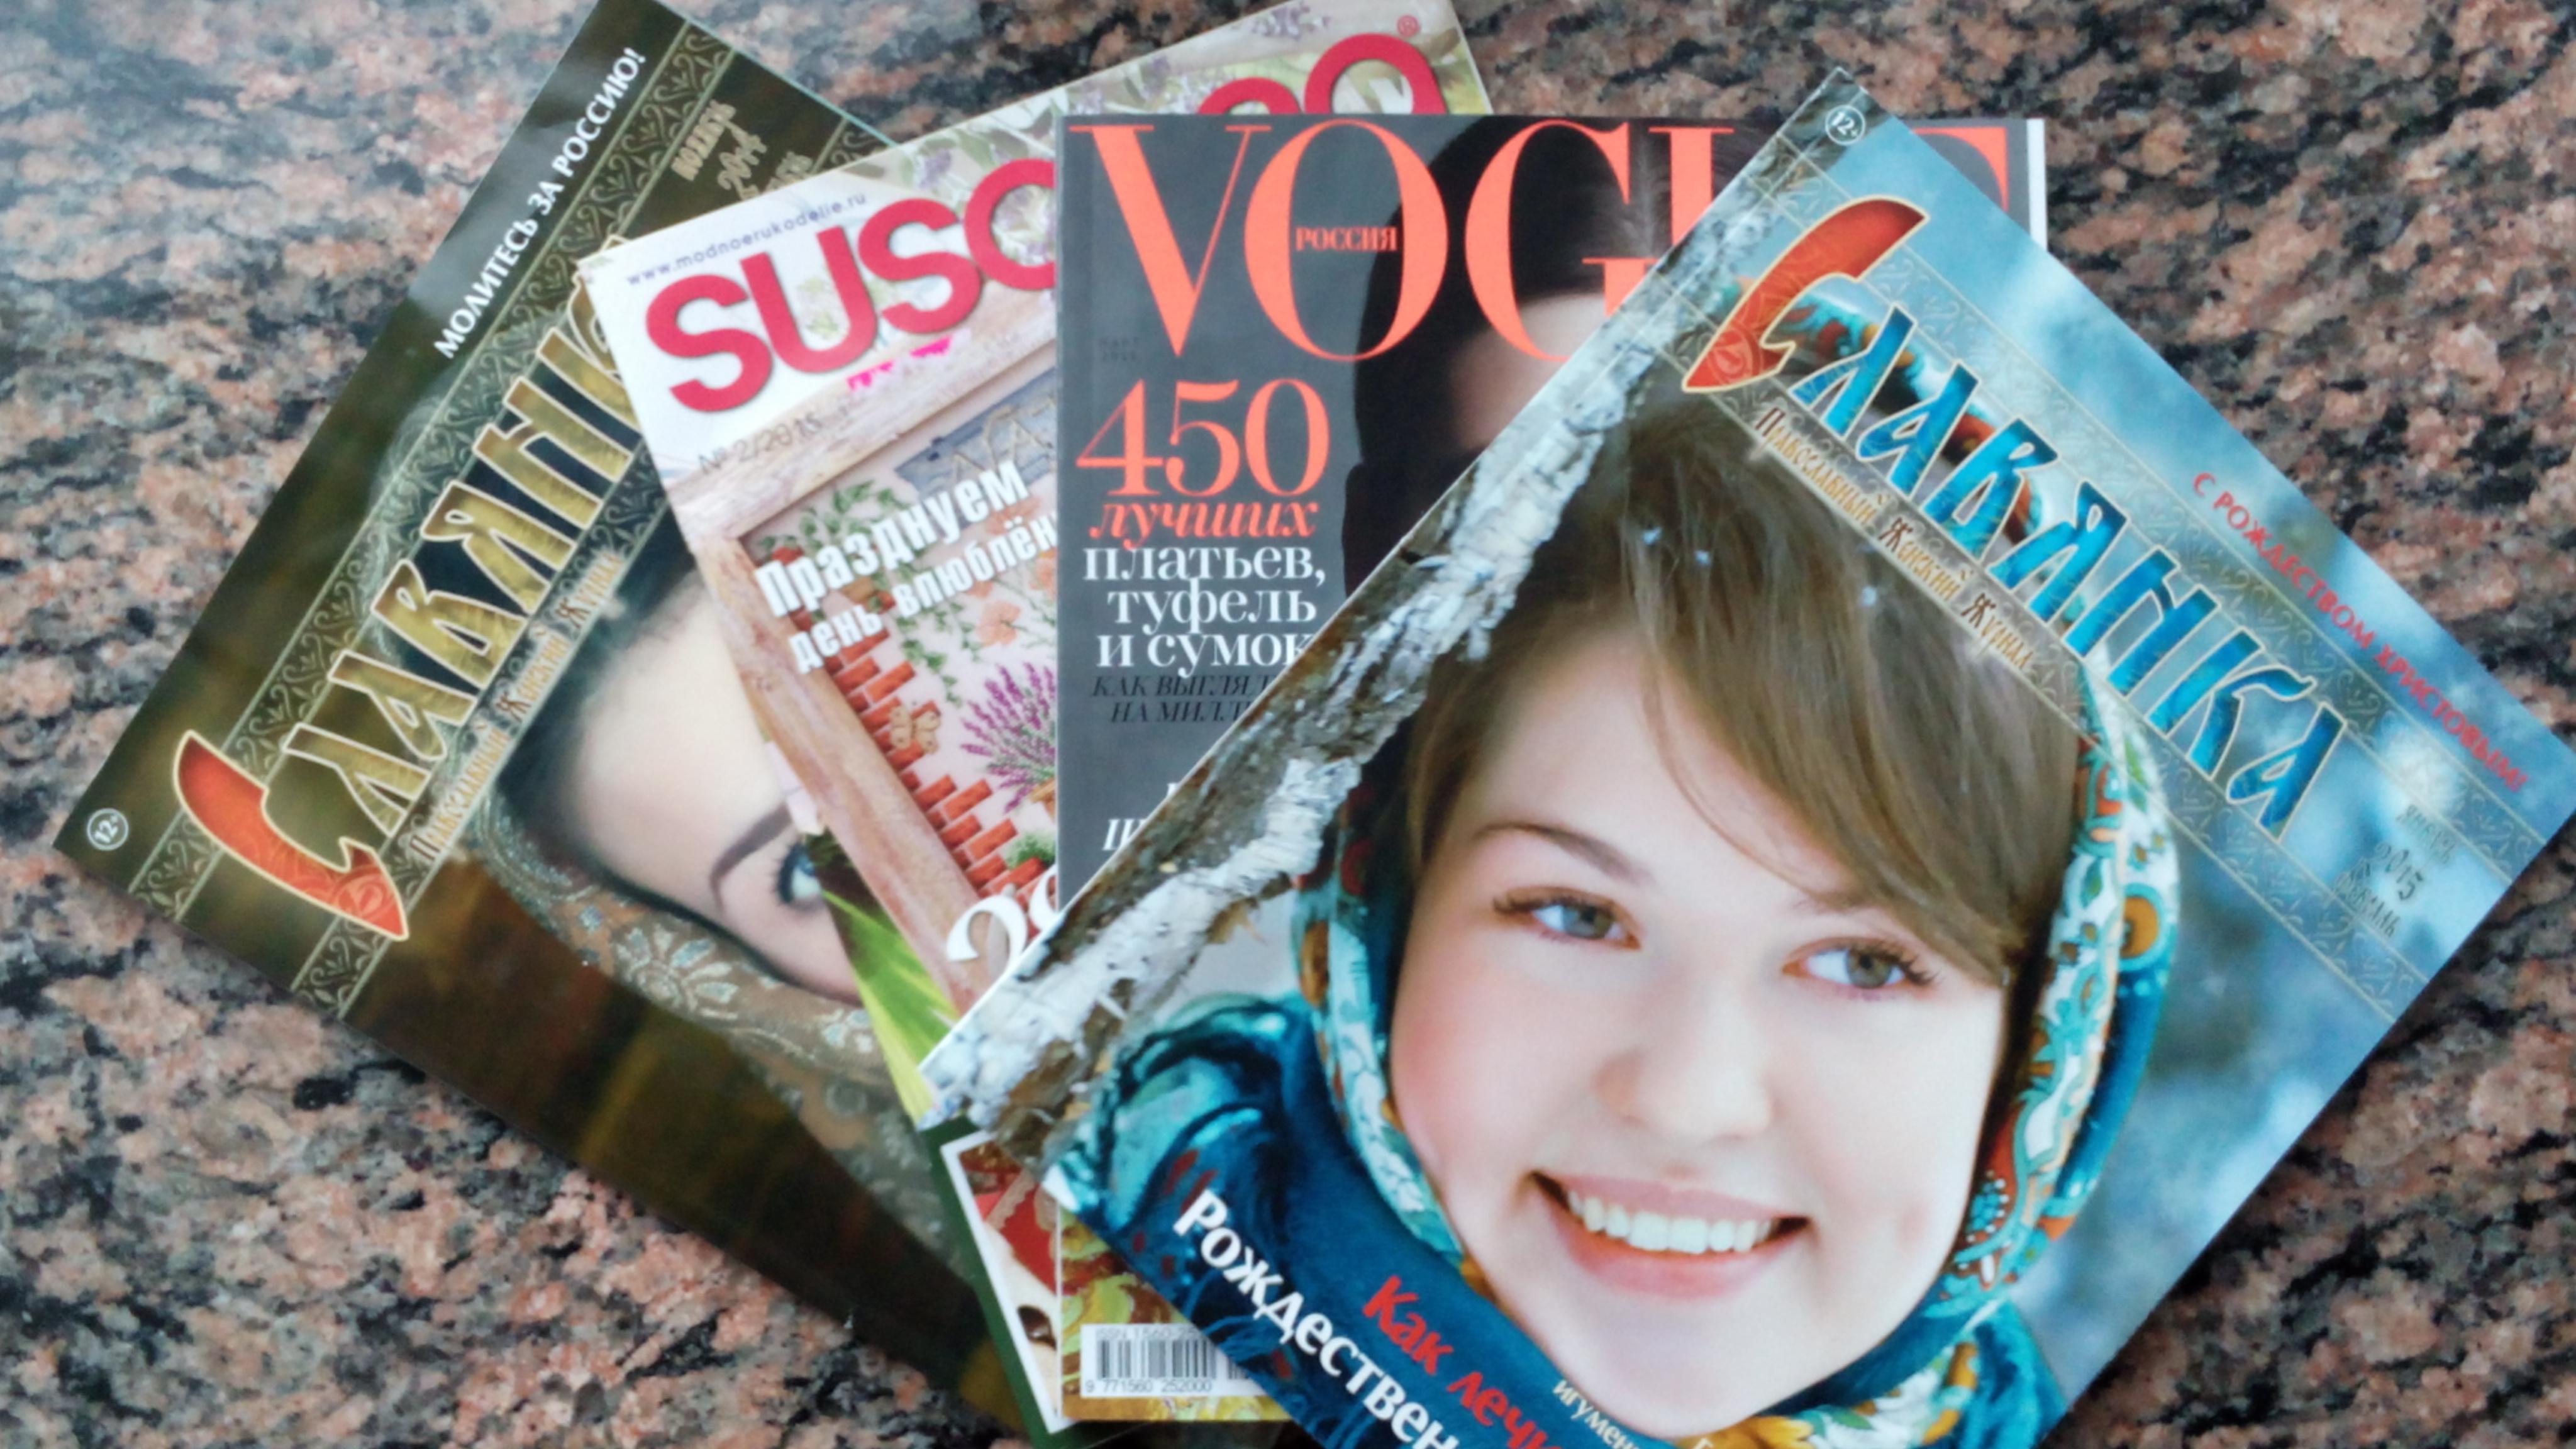 f9ab53525bbc Женские глянцевые журналы - что почитать   ulianasergeeva